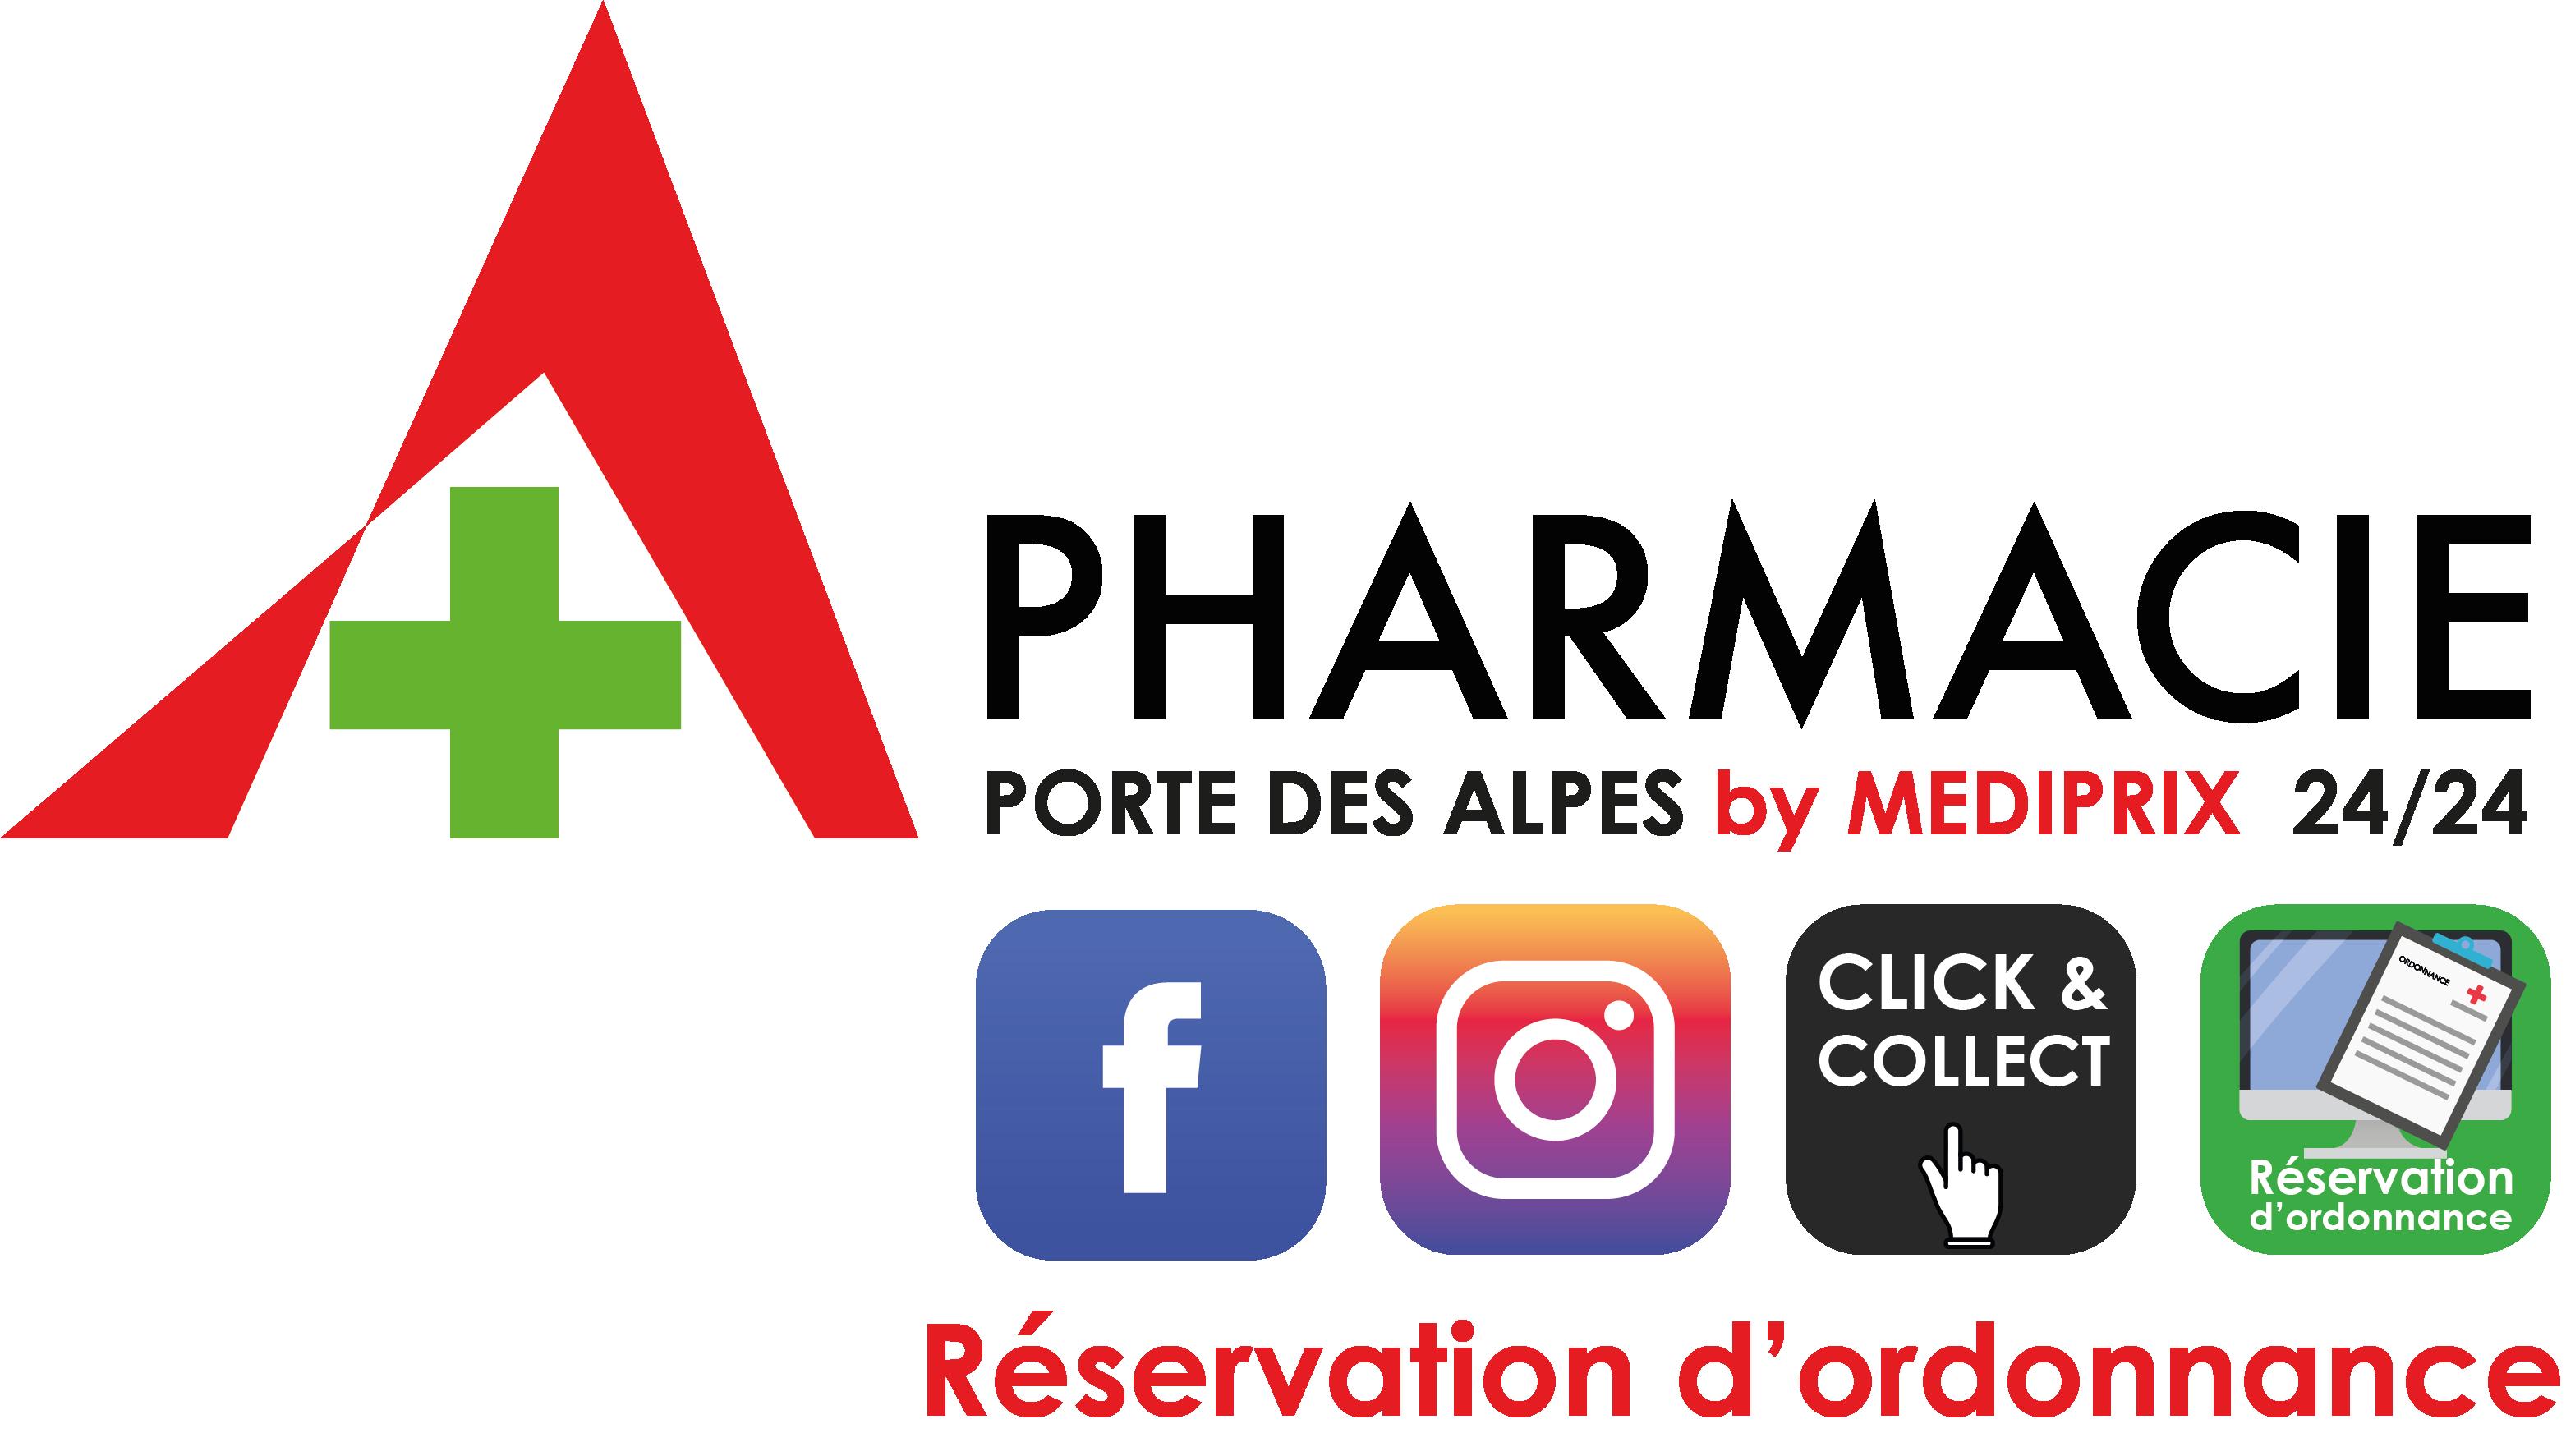 Pharmacie porte des alpes saint priest accueil - Pharmacie de garde porte de vincennes ...